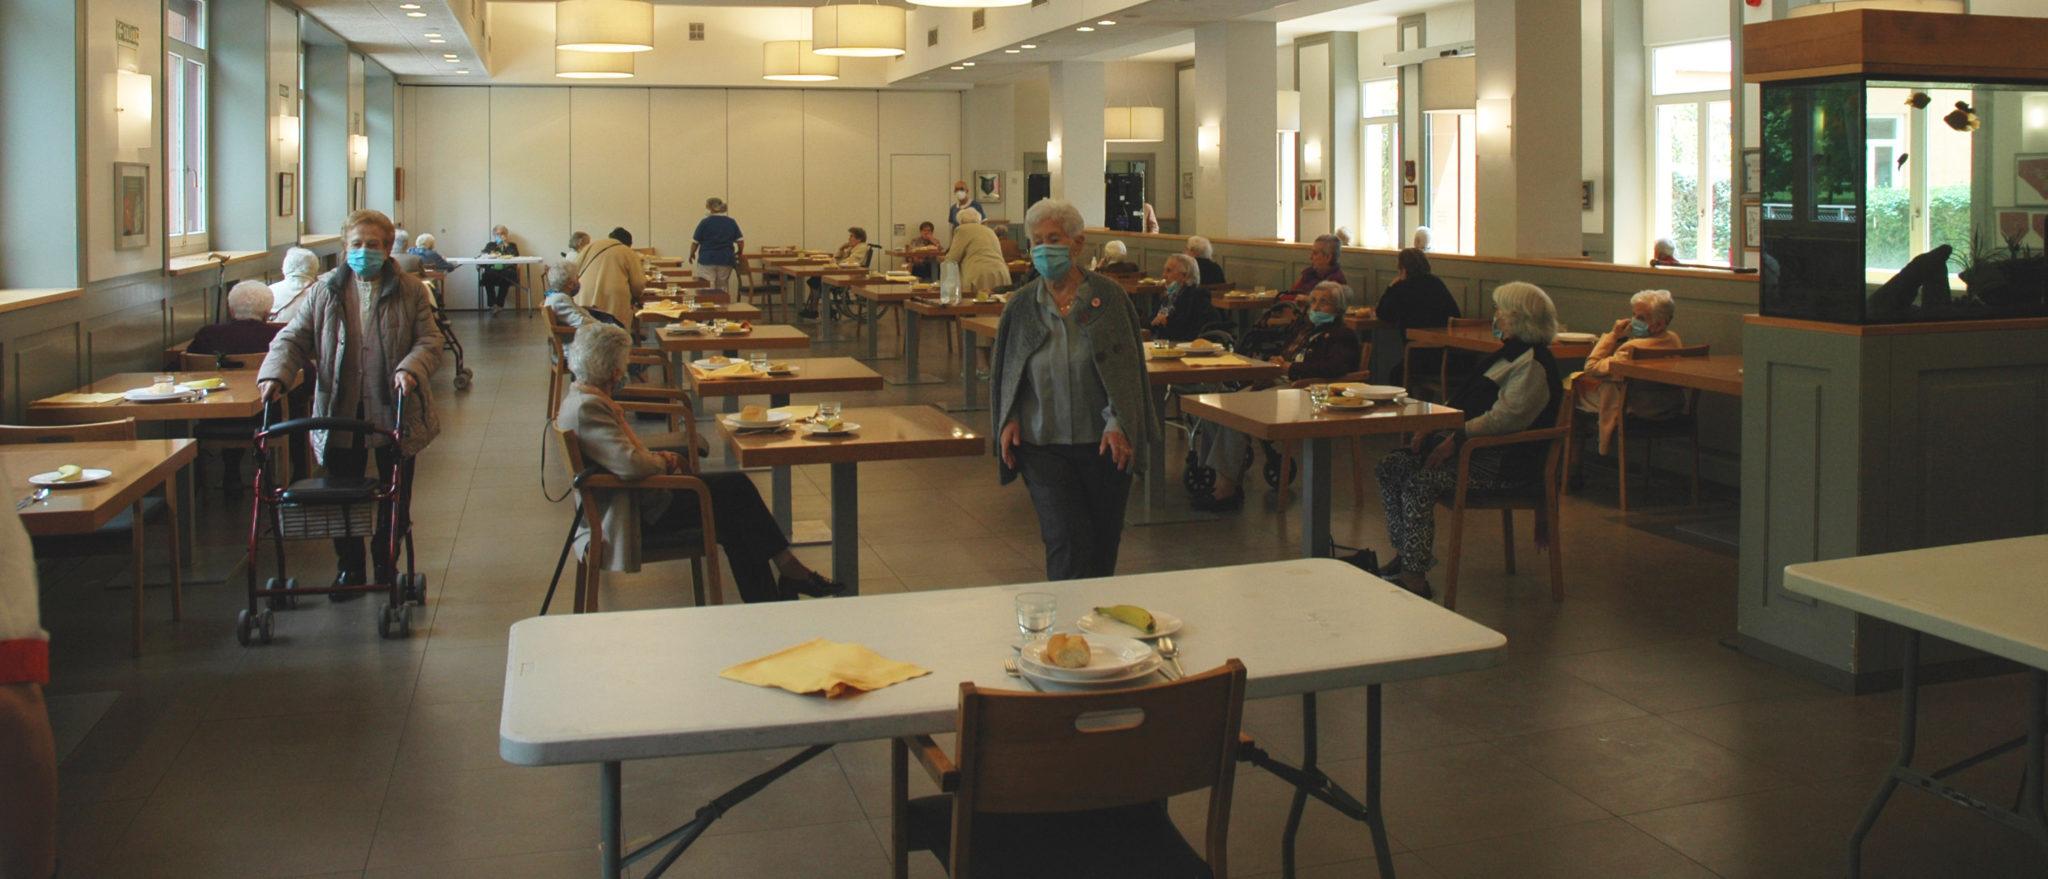 Comedor Habilitado En La Cafetería De La Casa De Misericordia De Pamplona